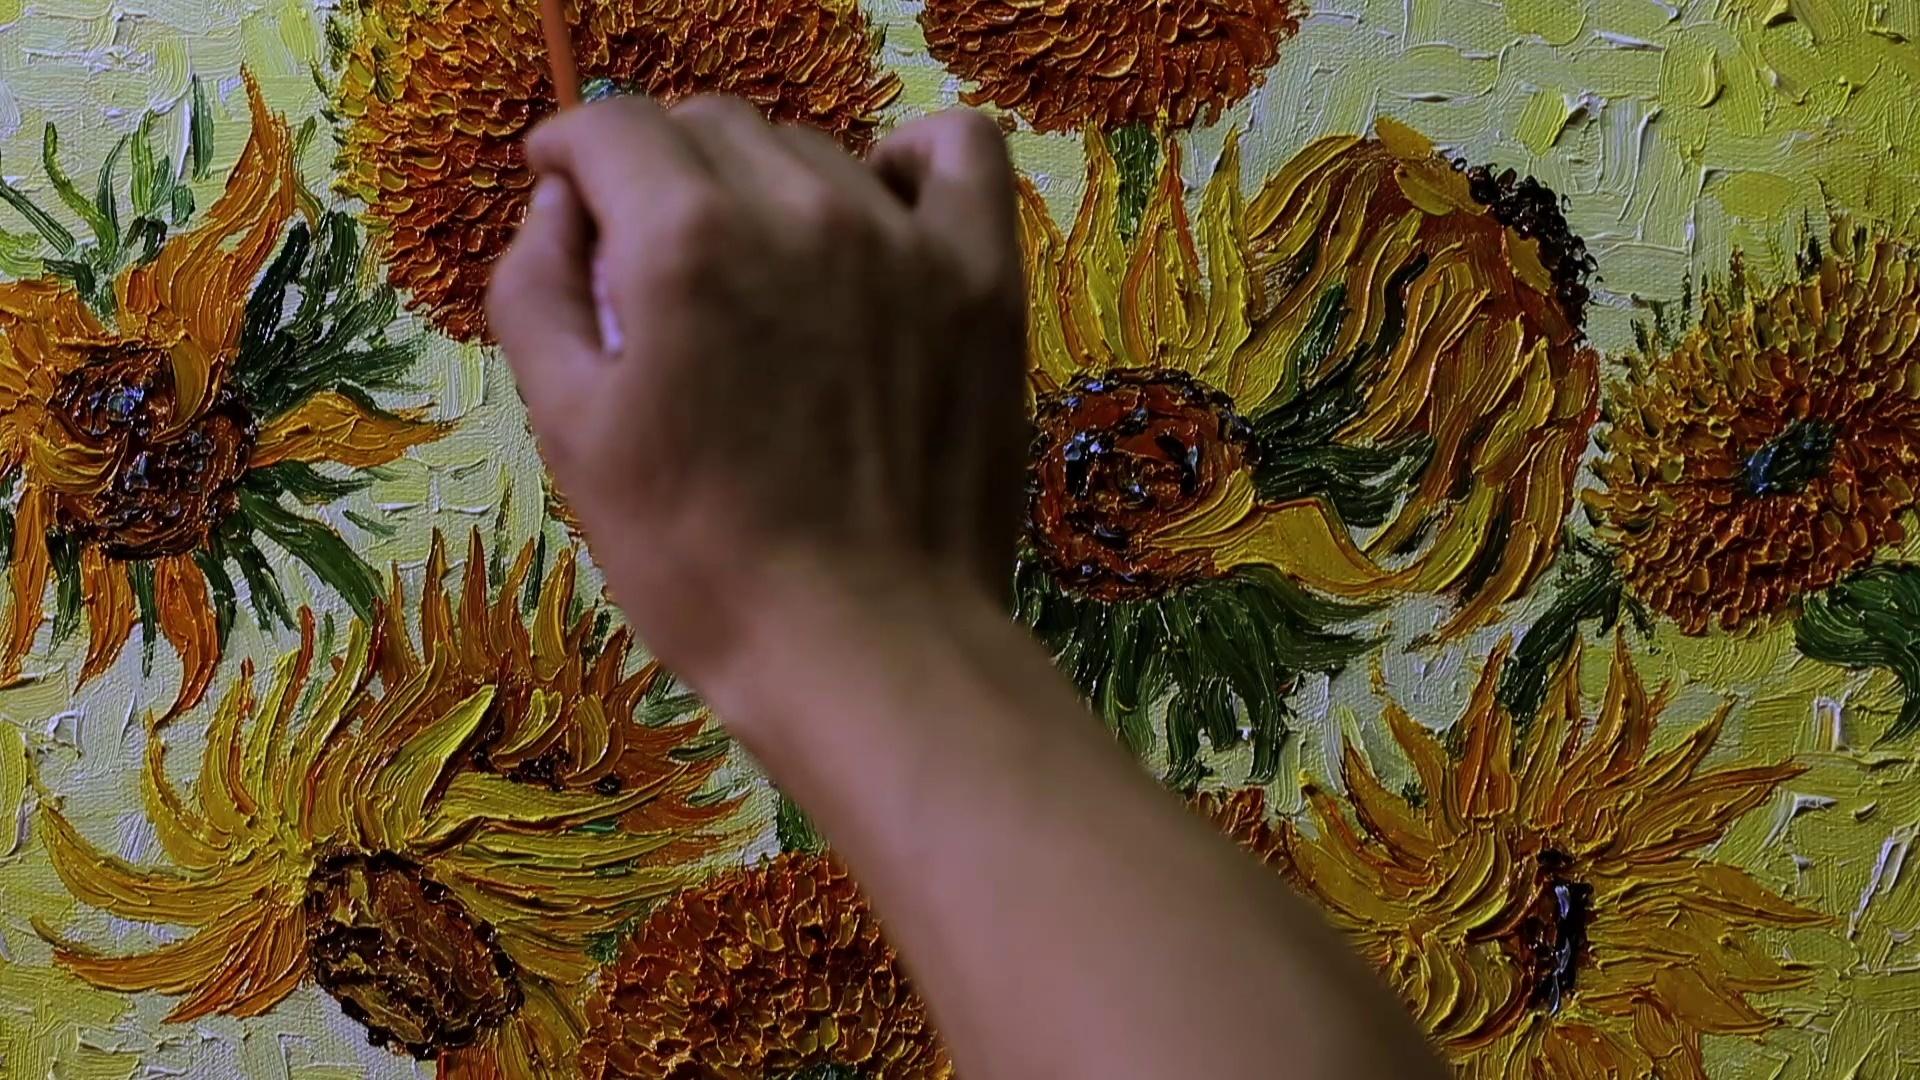 シャオヨン氏制作ゴッホ複製画『ひまわり(15本のひまわり)』 ※東京・新宿シネマカリテに展示